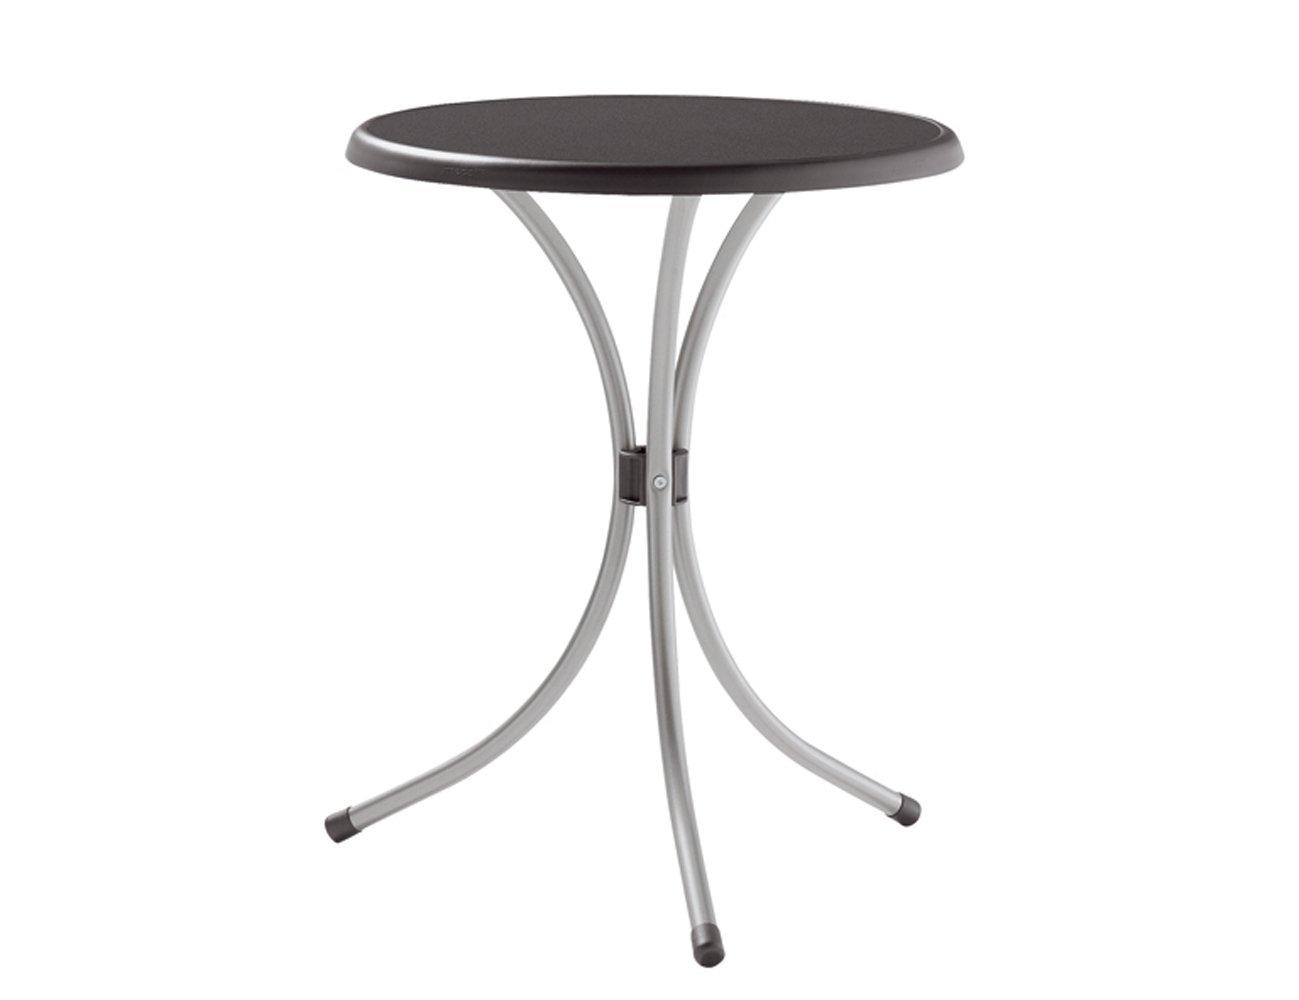 Sieger 100//W Bistro-Tisch mit mecalit-Pro-Platte /Ø 60 cm Stahlrohrgestell wei/ß Tischplatte Marmordekor wei/ß